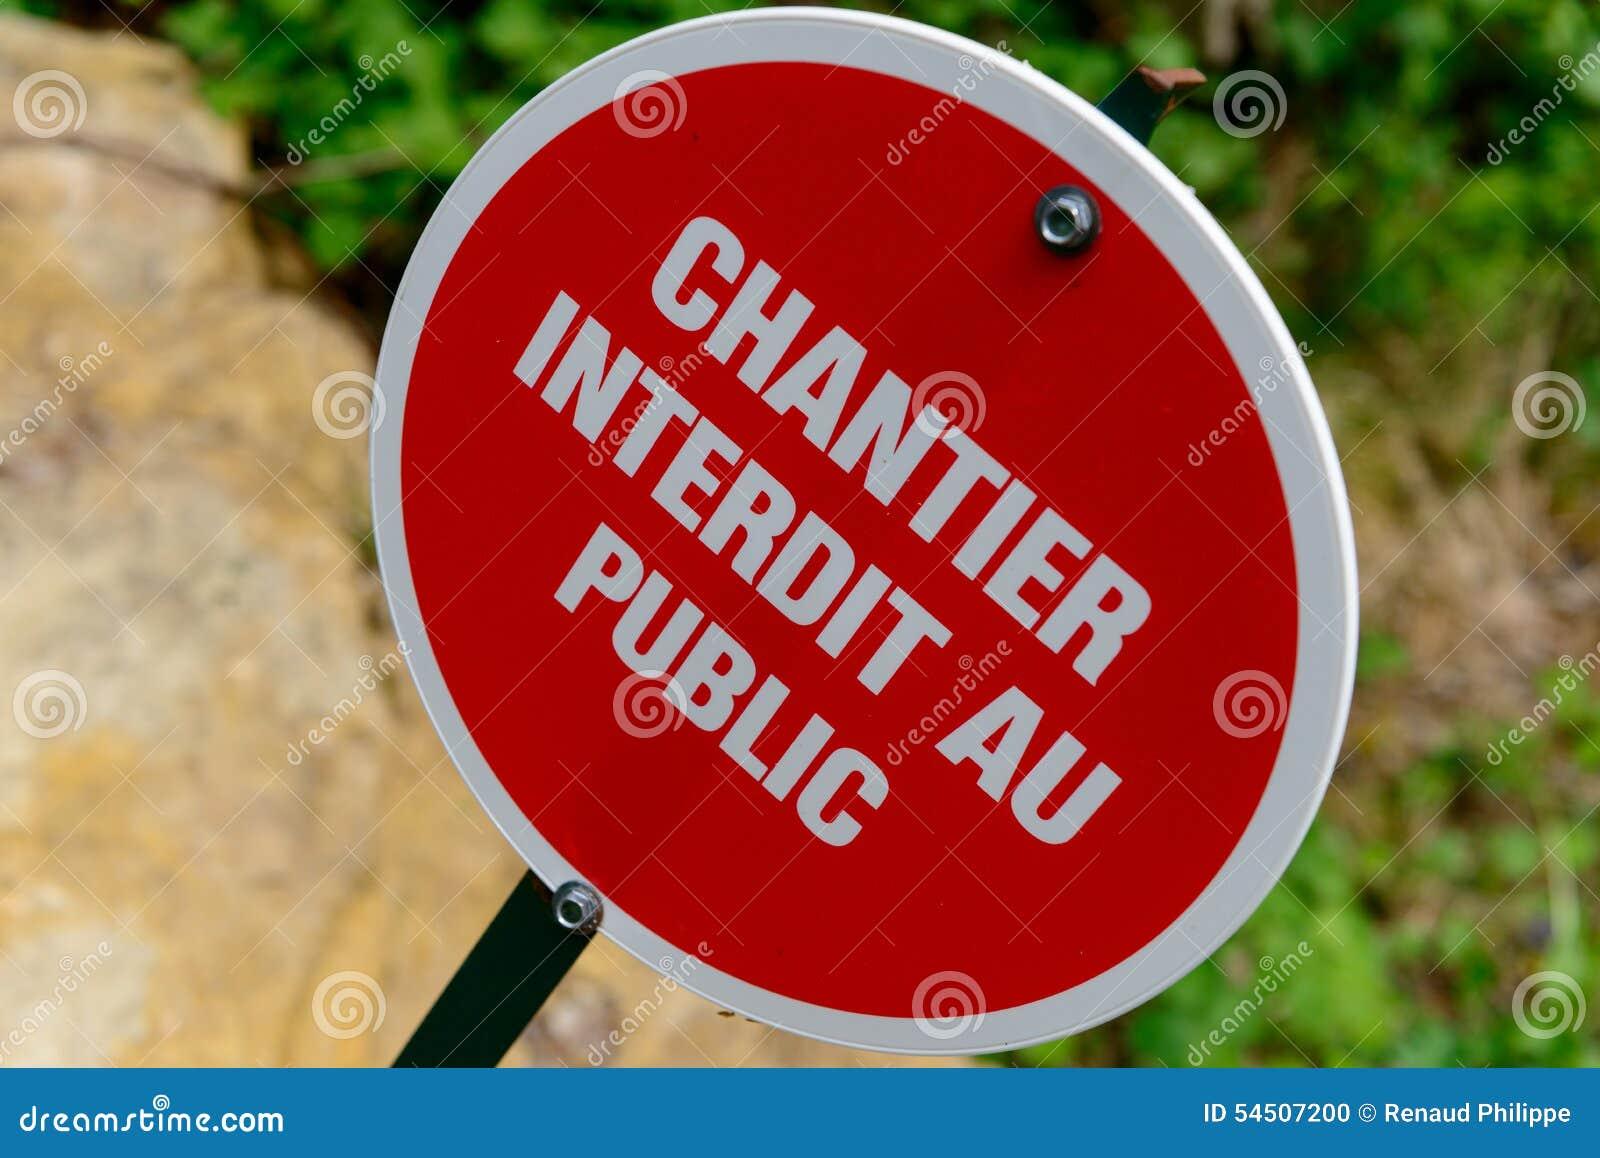 Signe rouge français indiquant un chantier de construction